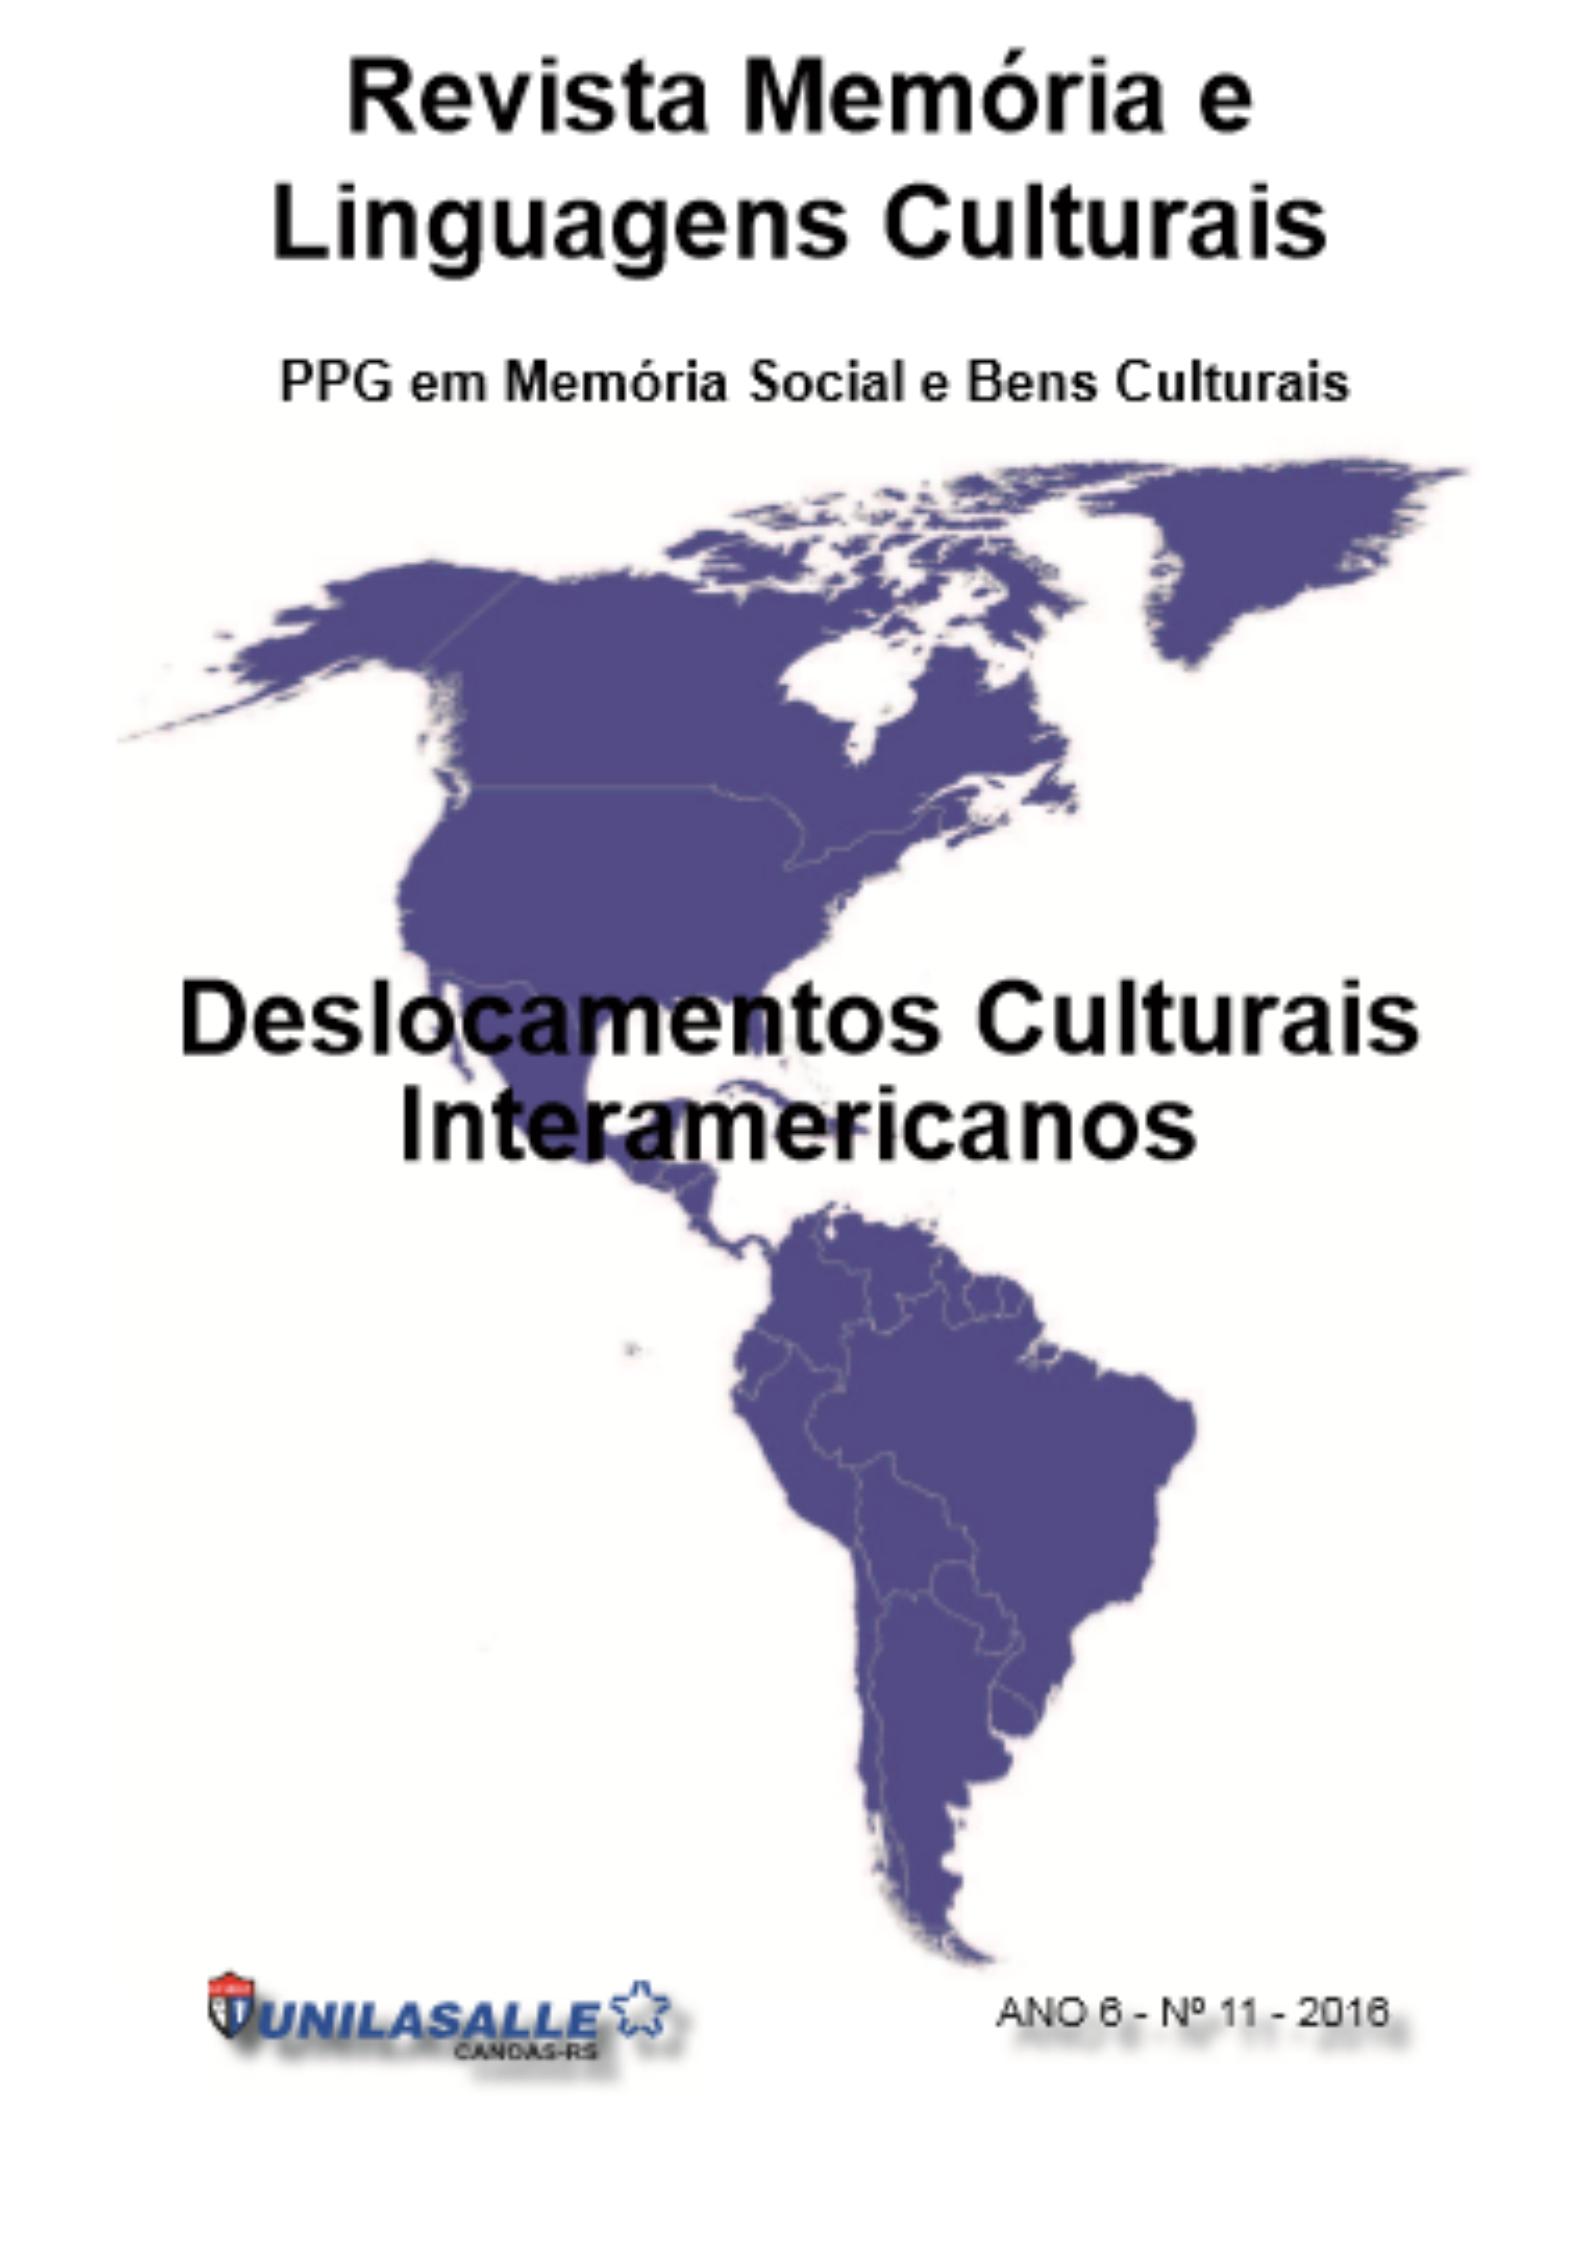 Revista Memória e Linguagens Culturais: Deslocamentos Culturais Interamericanos